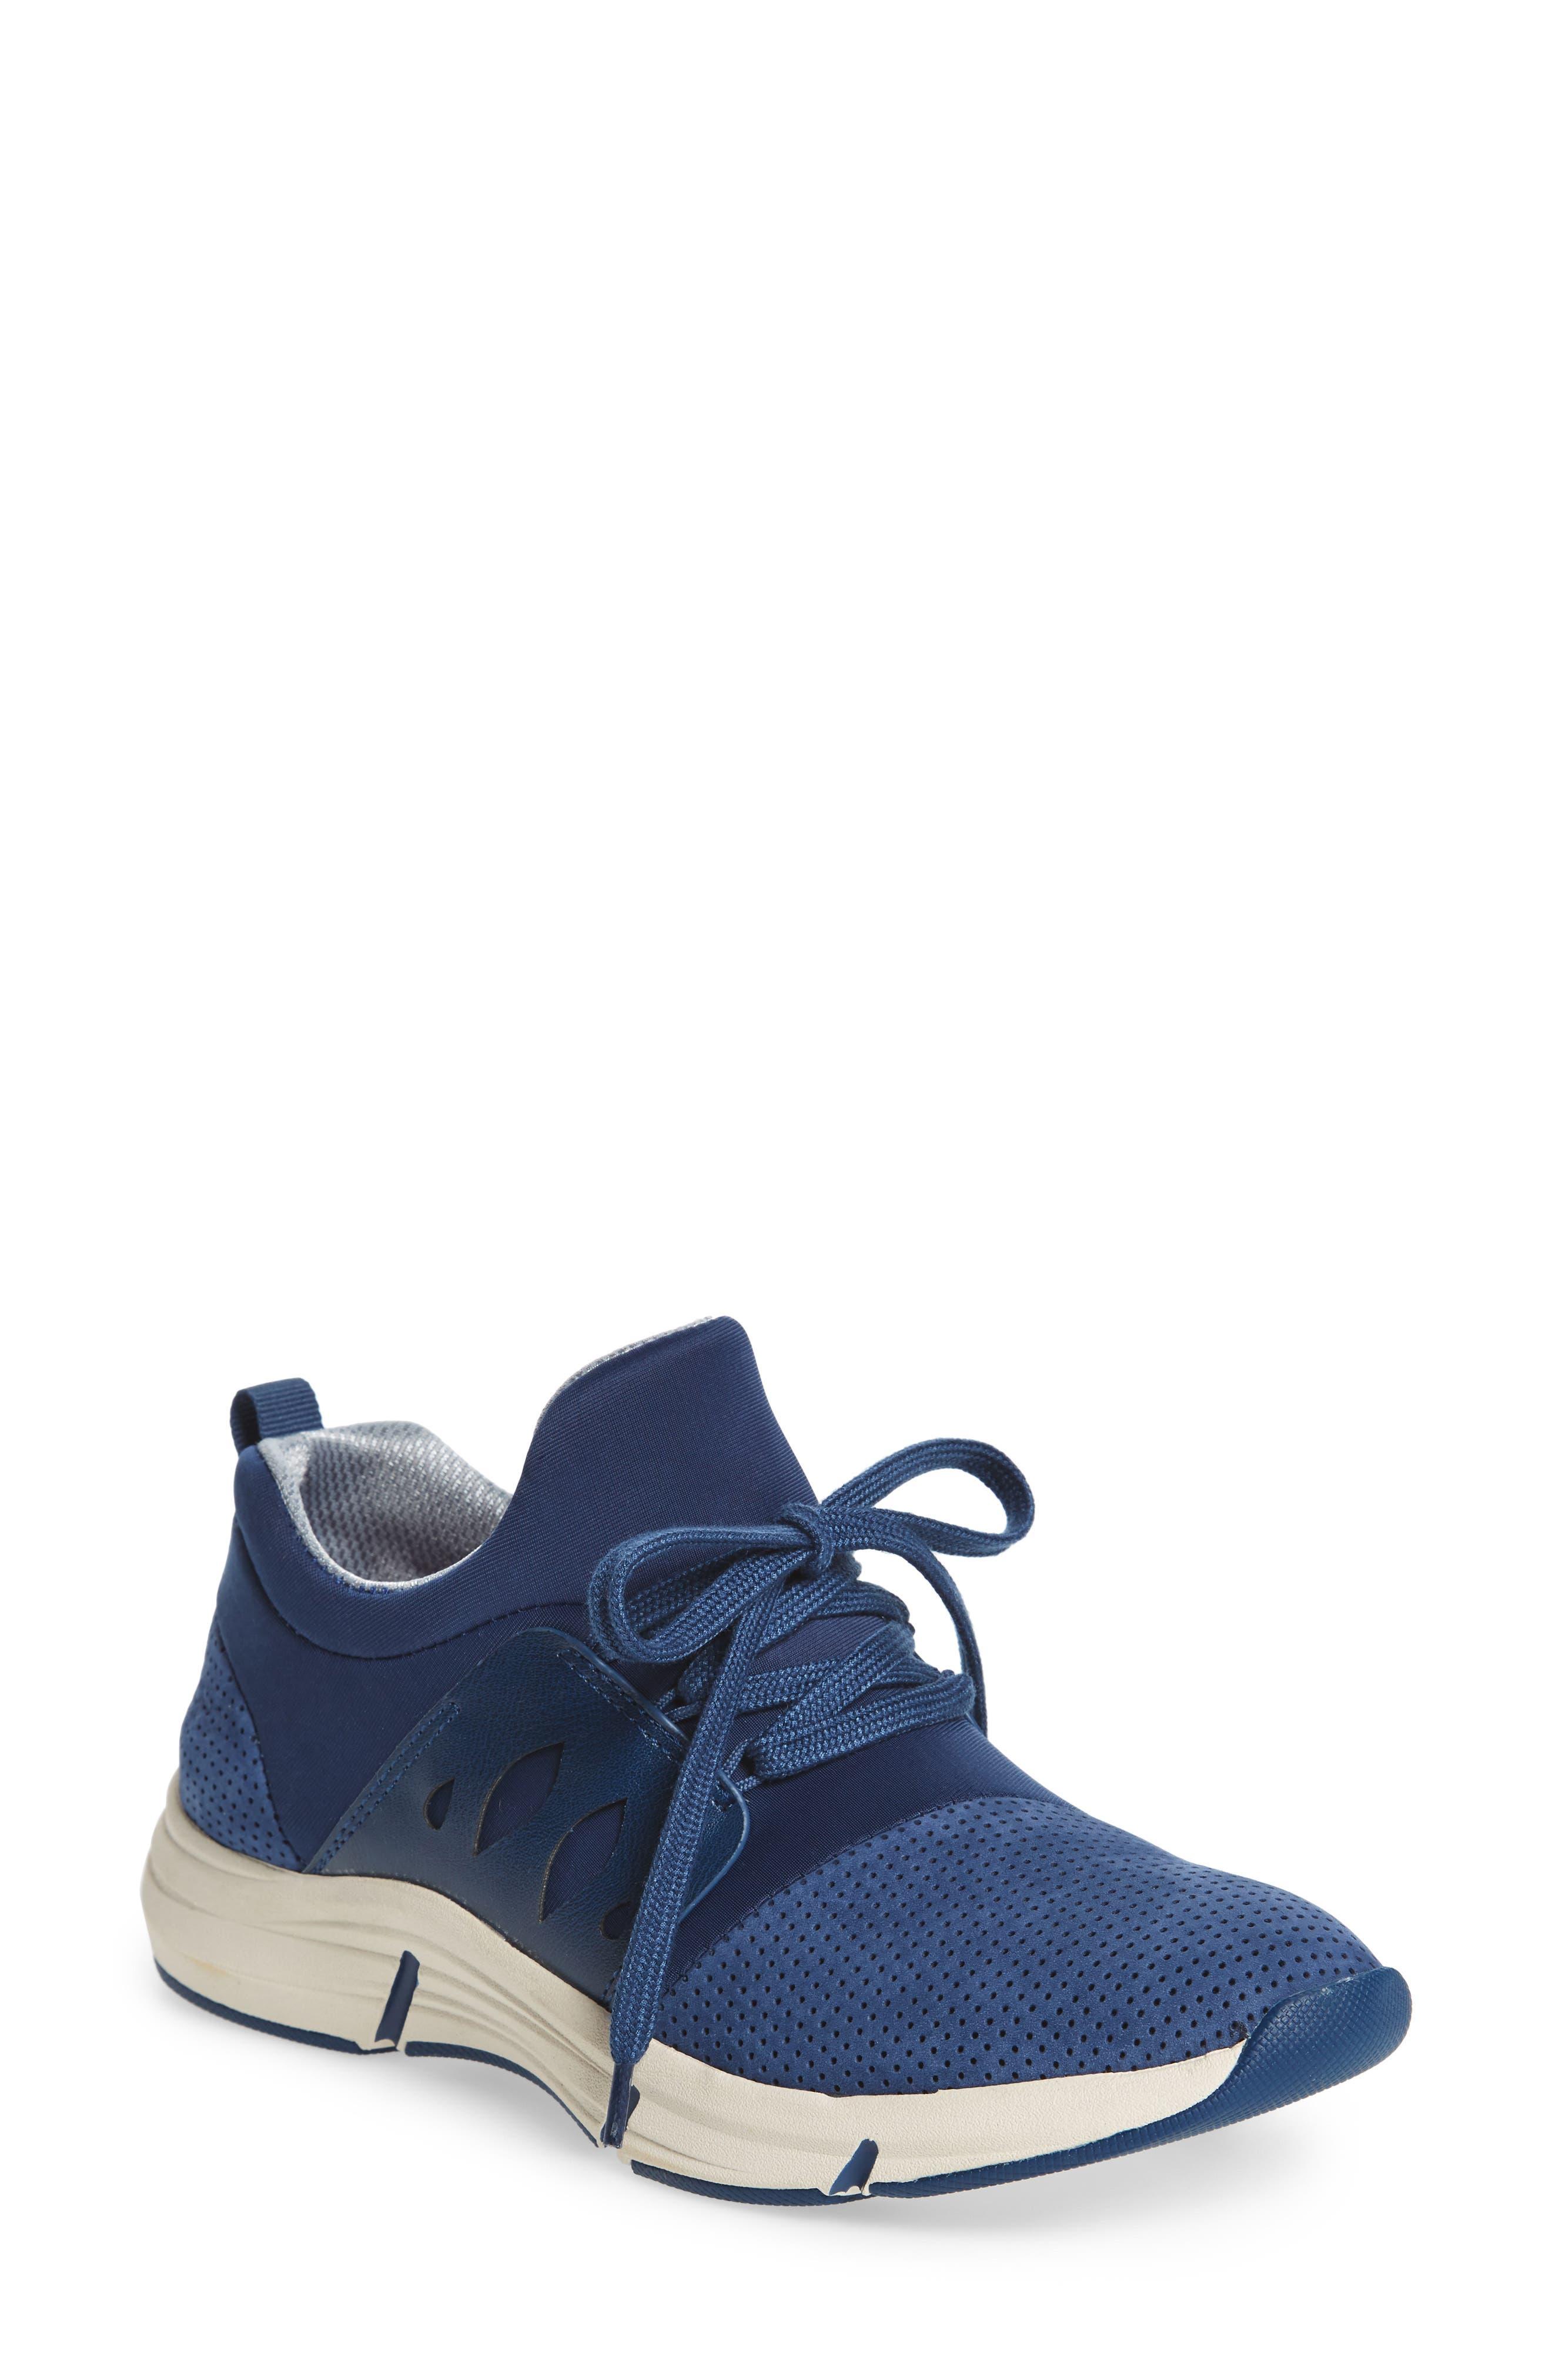 Bionica Ordell Sneaker, Blue